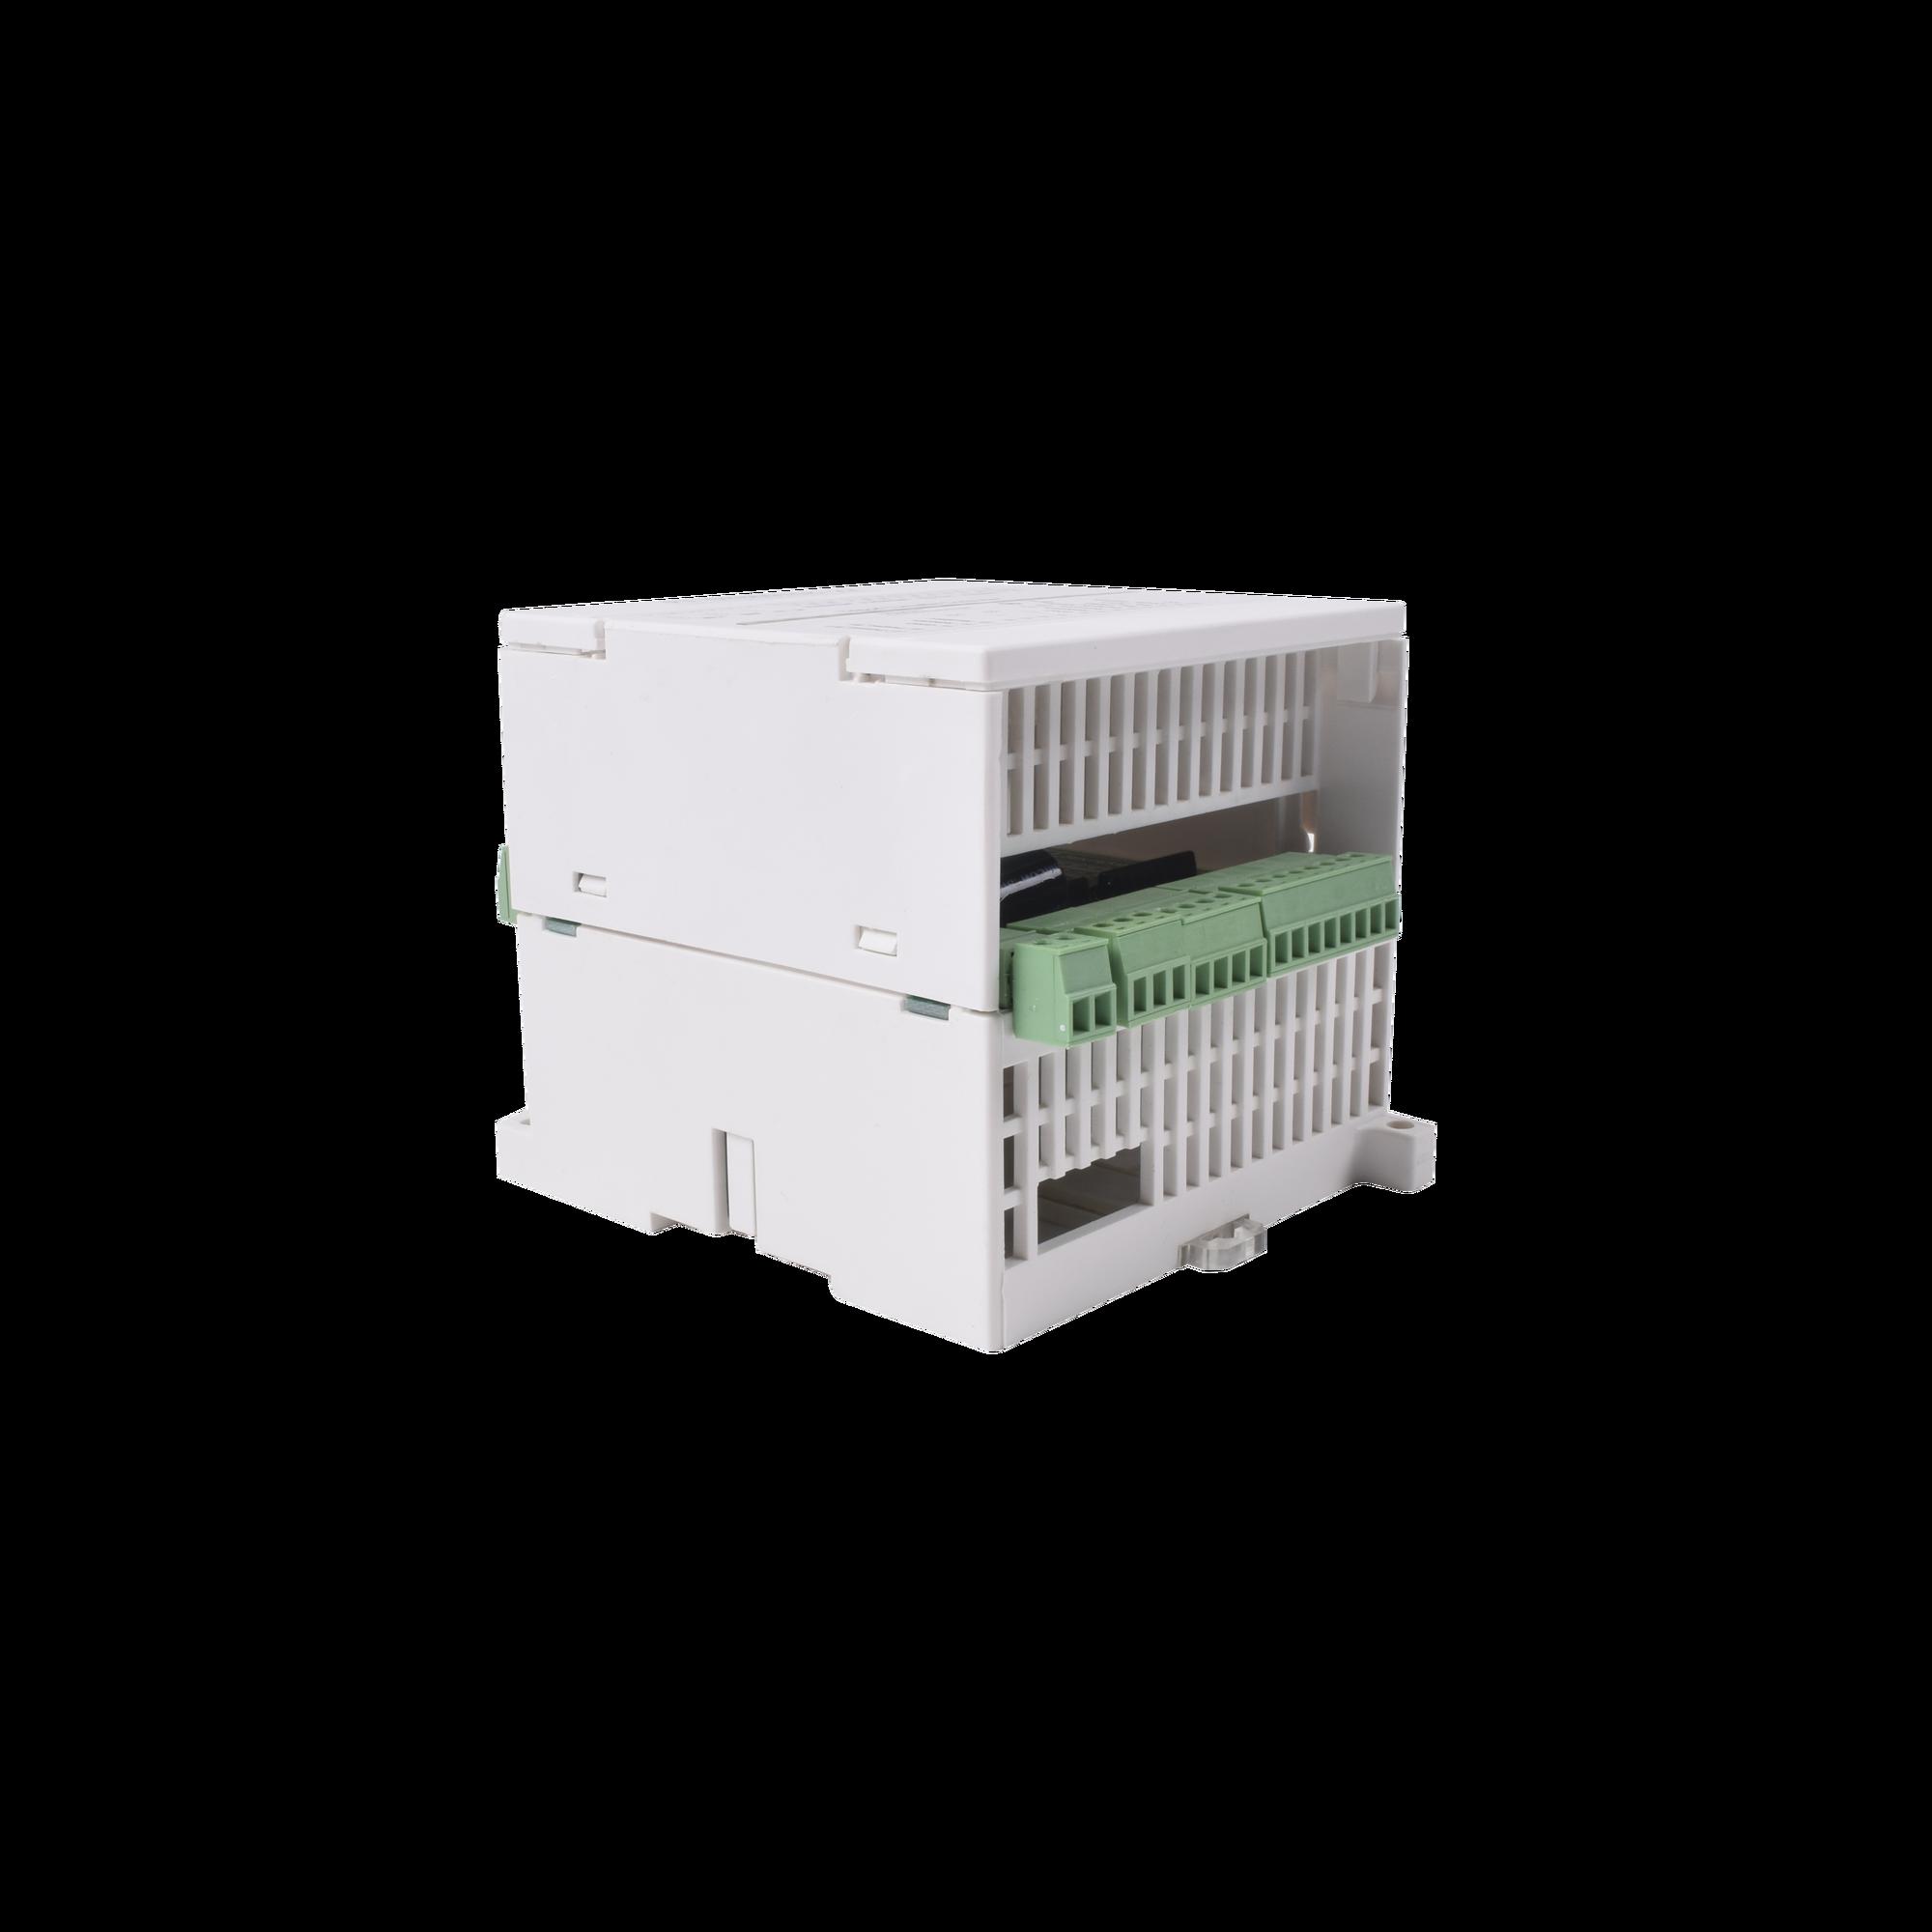 Cuadro de mando de refacción compatible con torniquetes de cuerpo completo Industrial By AccessPRO